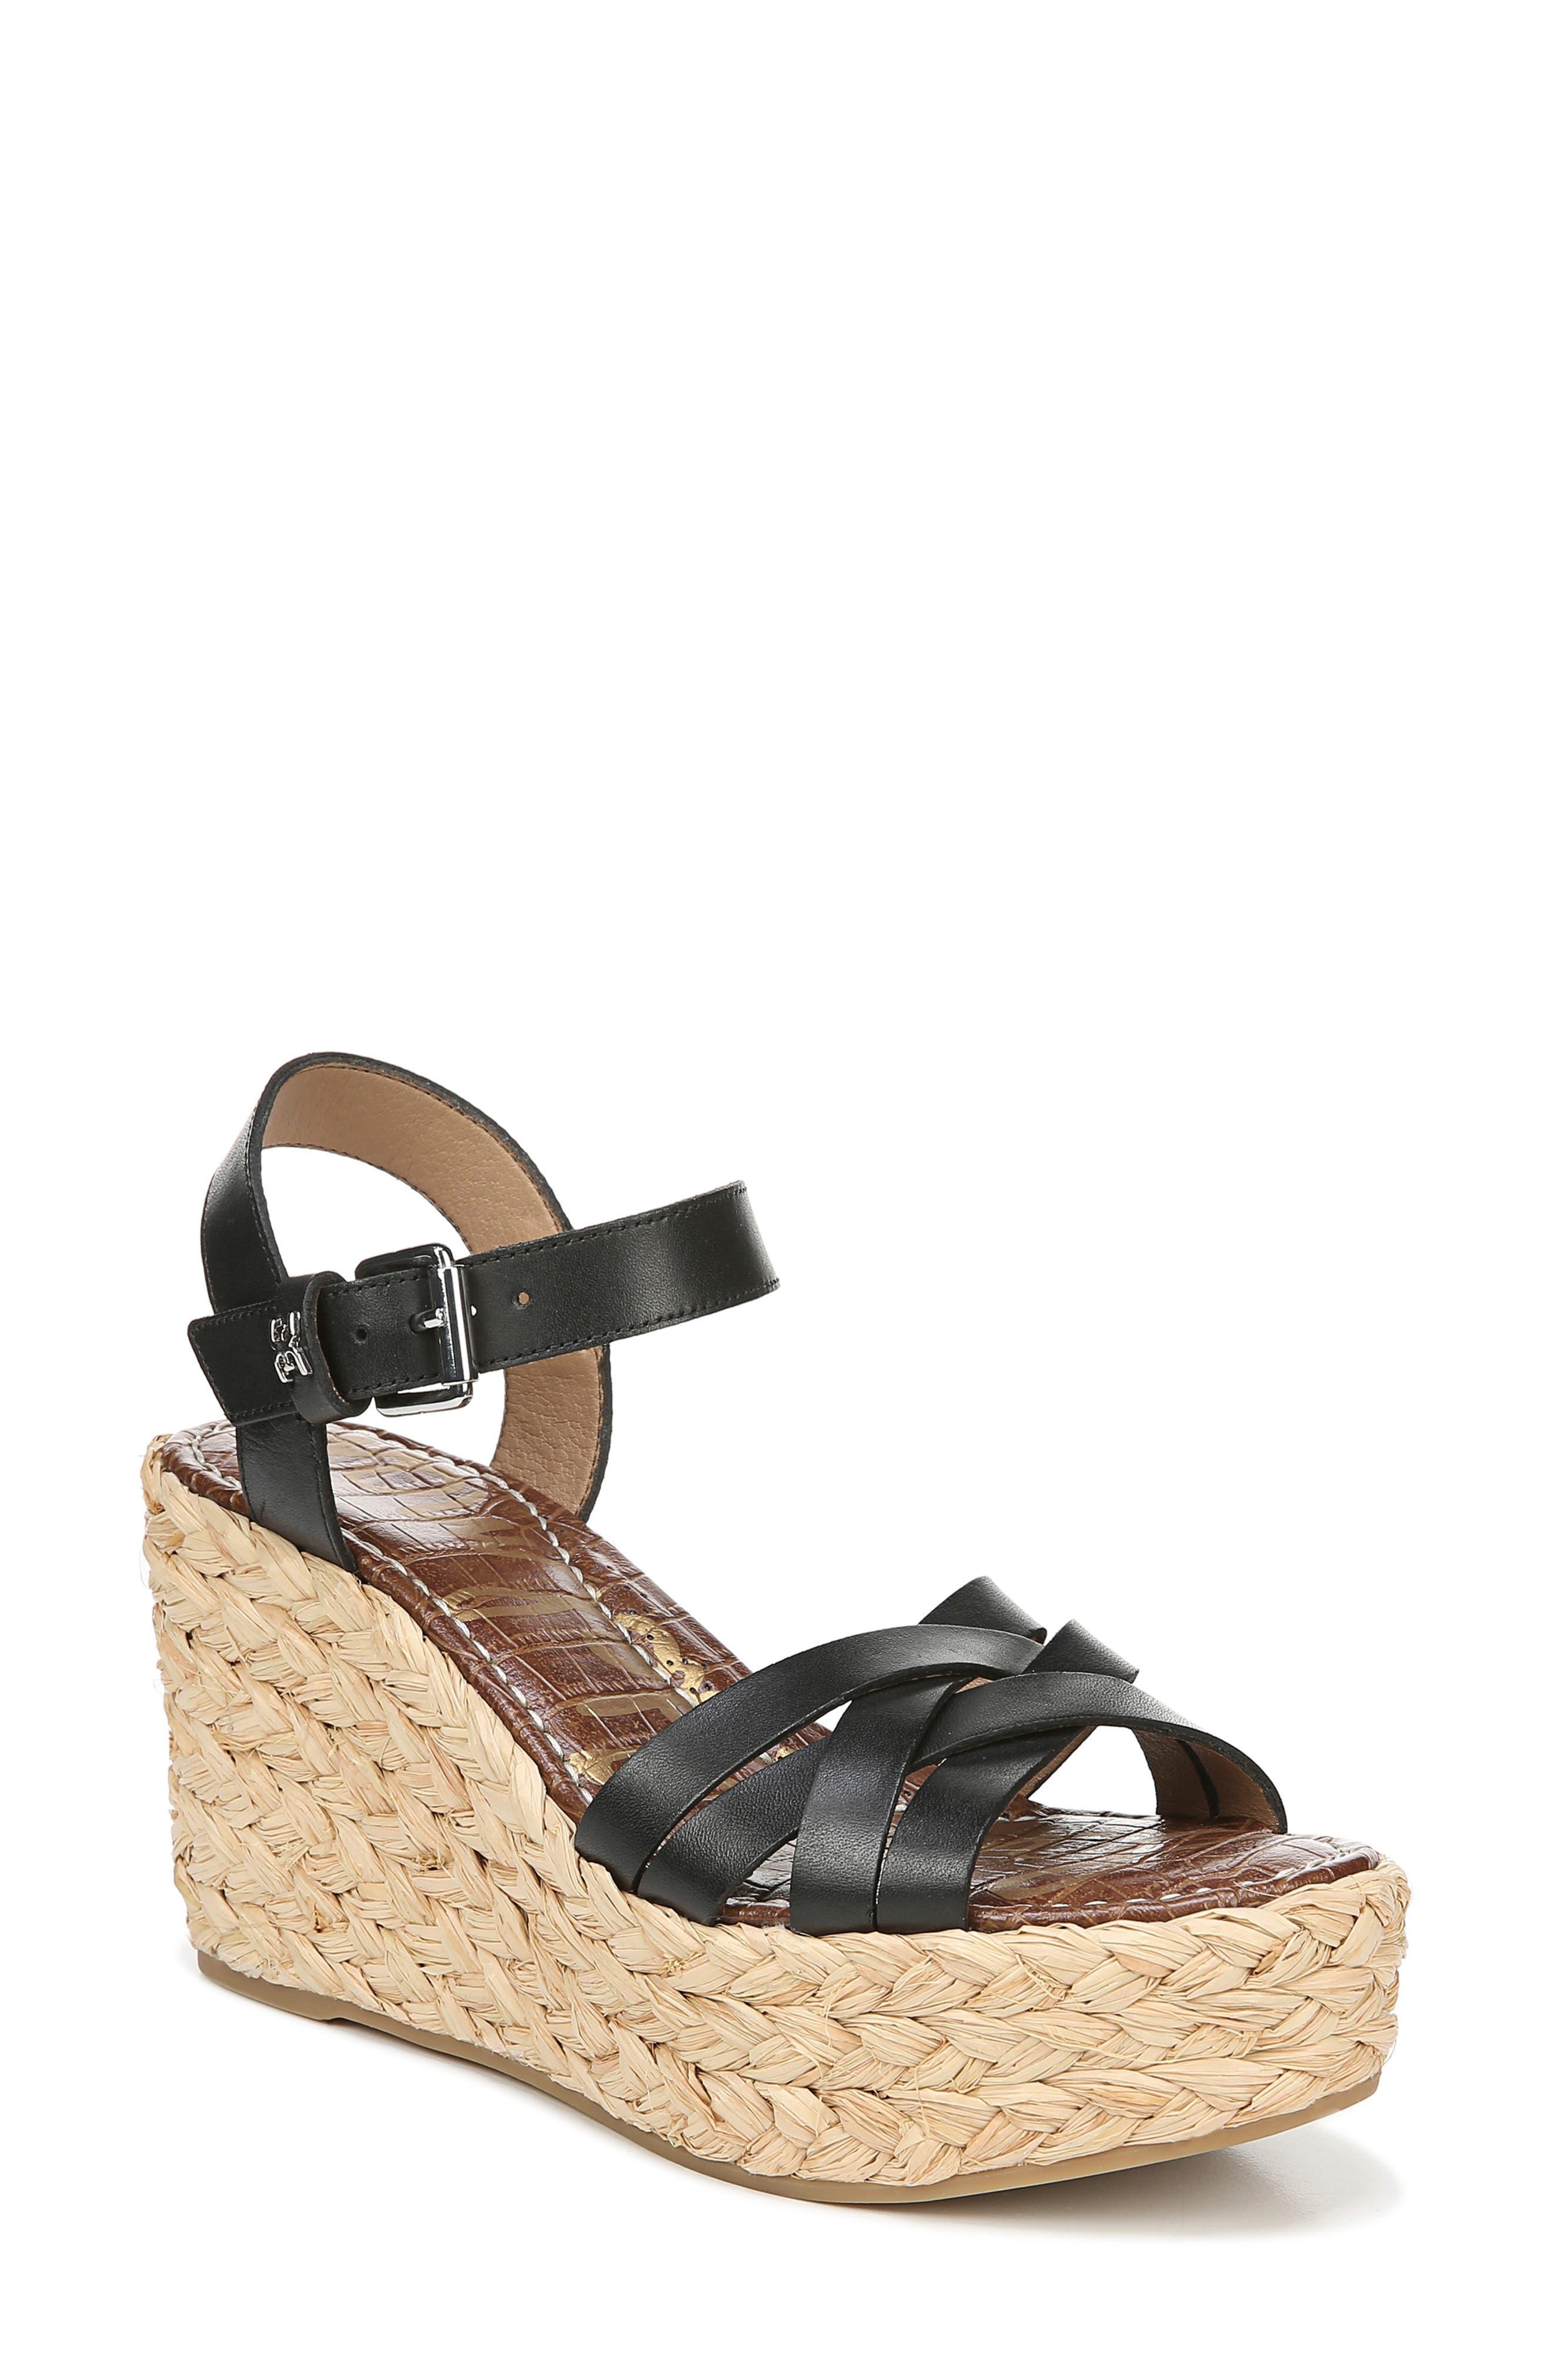 SAM EDELMAN Darline Platform Wedge Sandal, Main, color, BLACK LEATHER